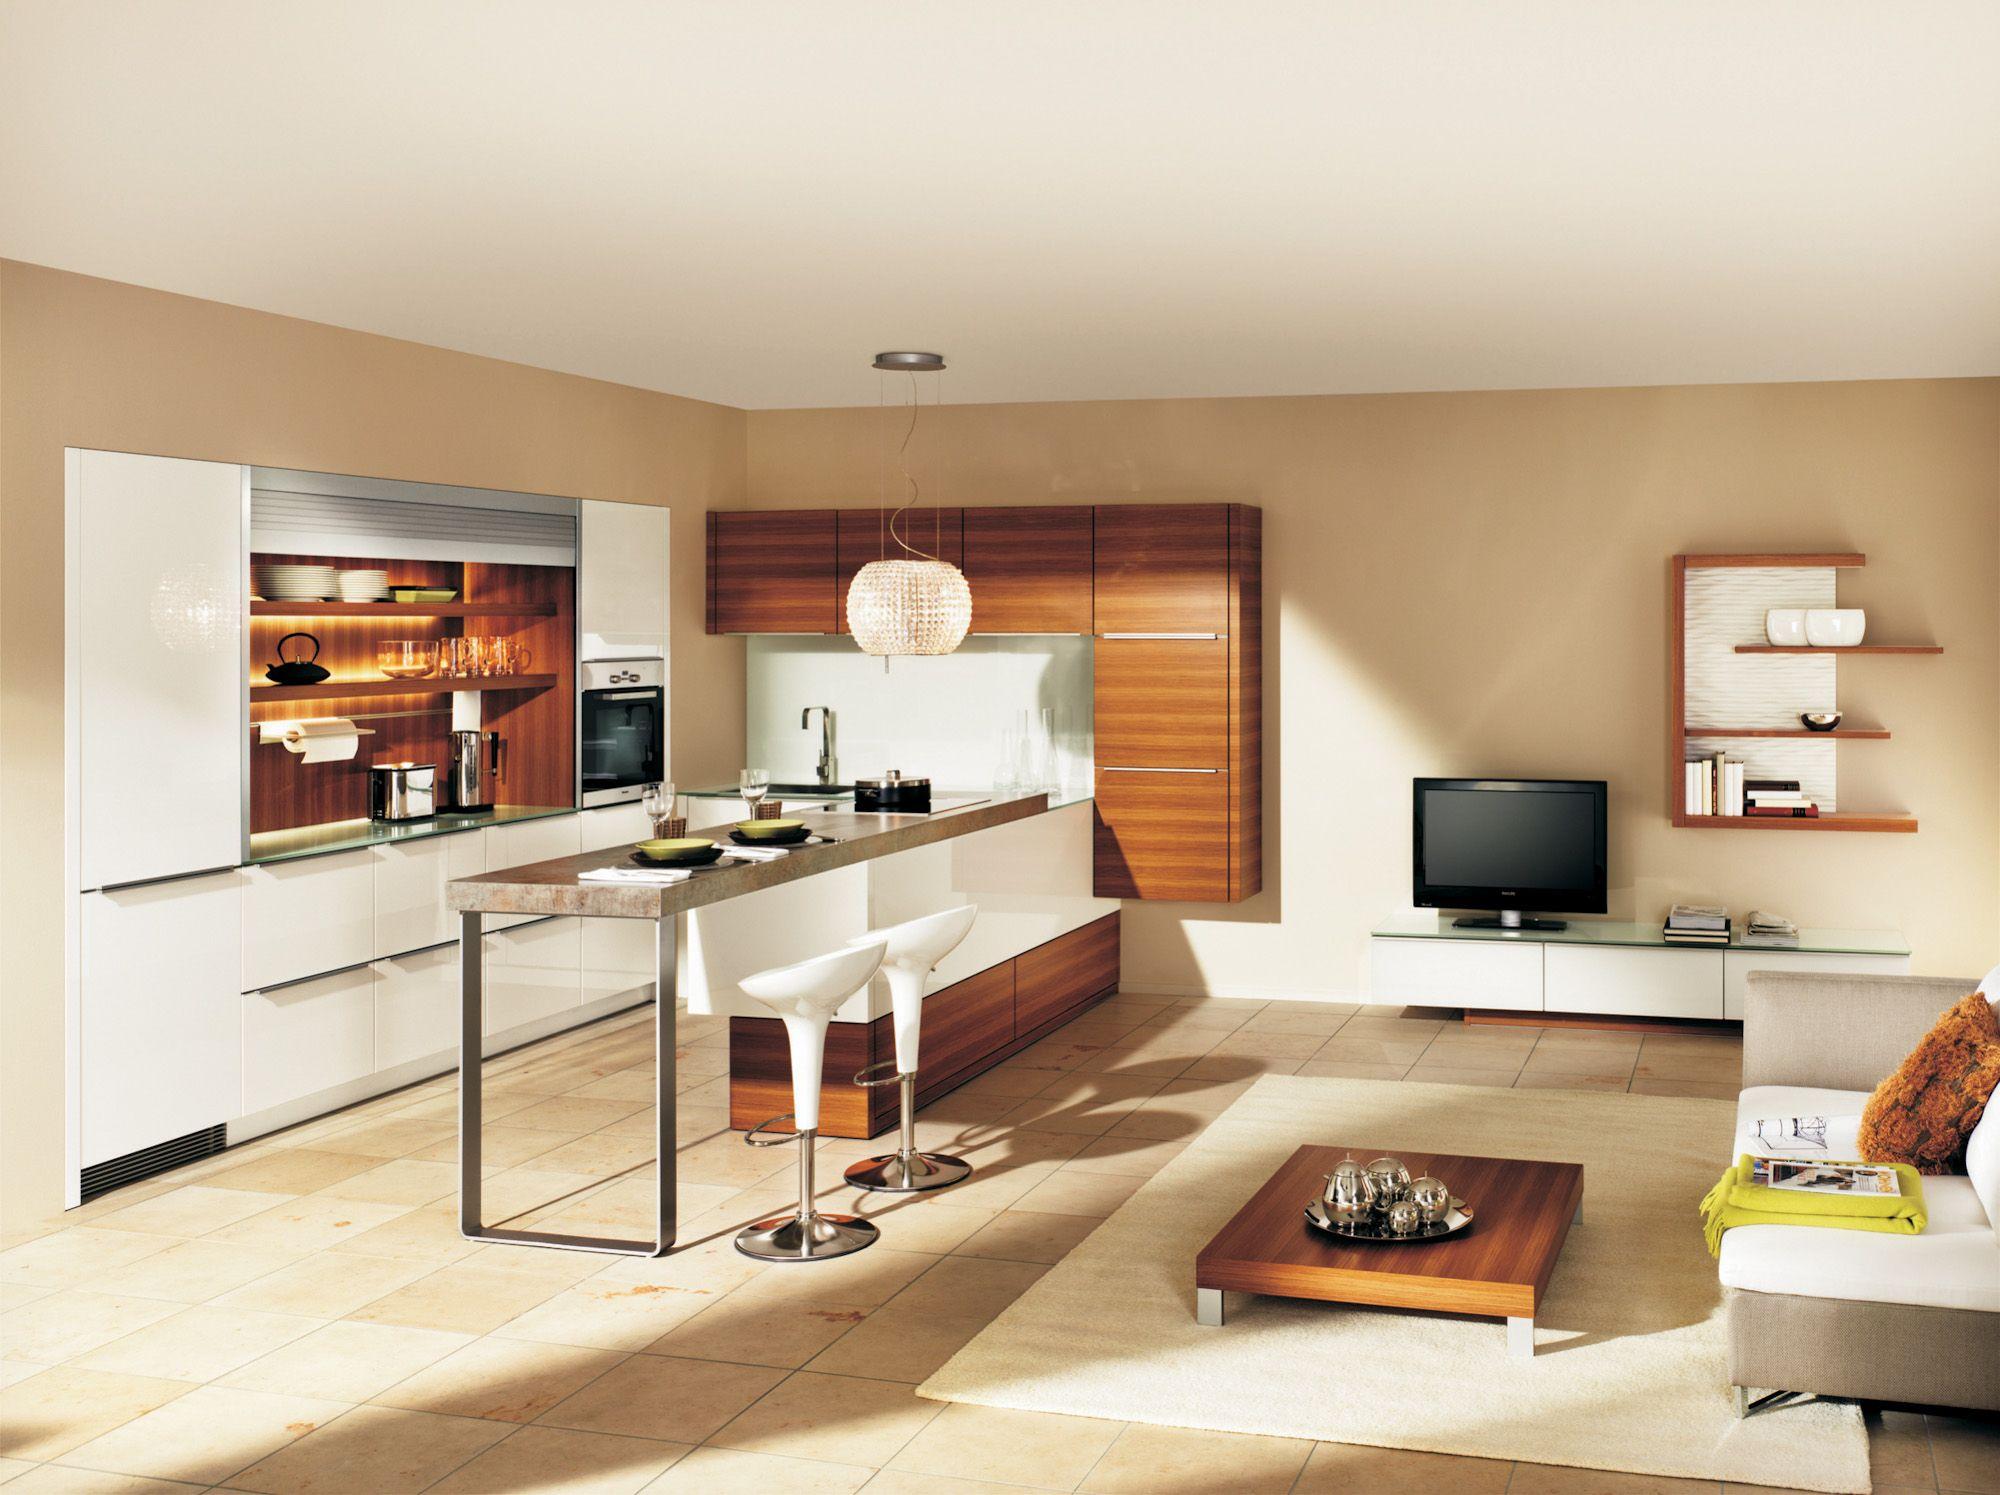 Küche | Lack und Holz | modern | grifflos | klare Formensprache ...